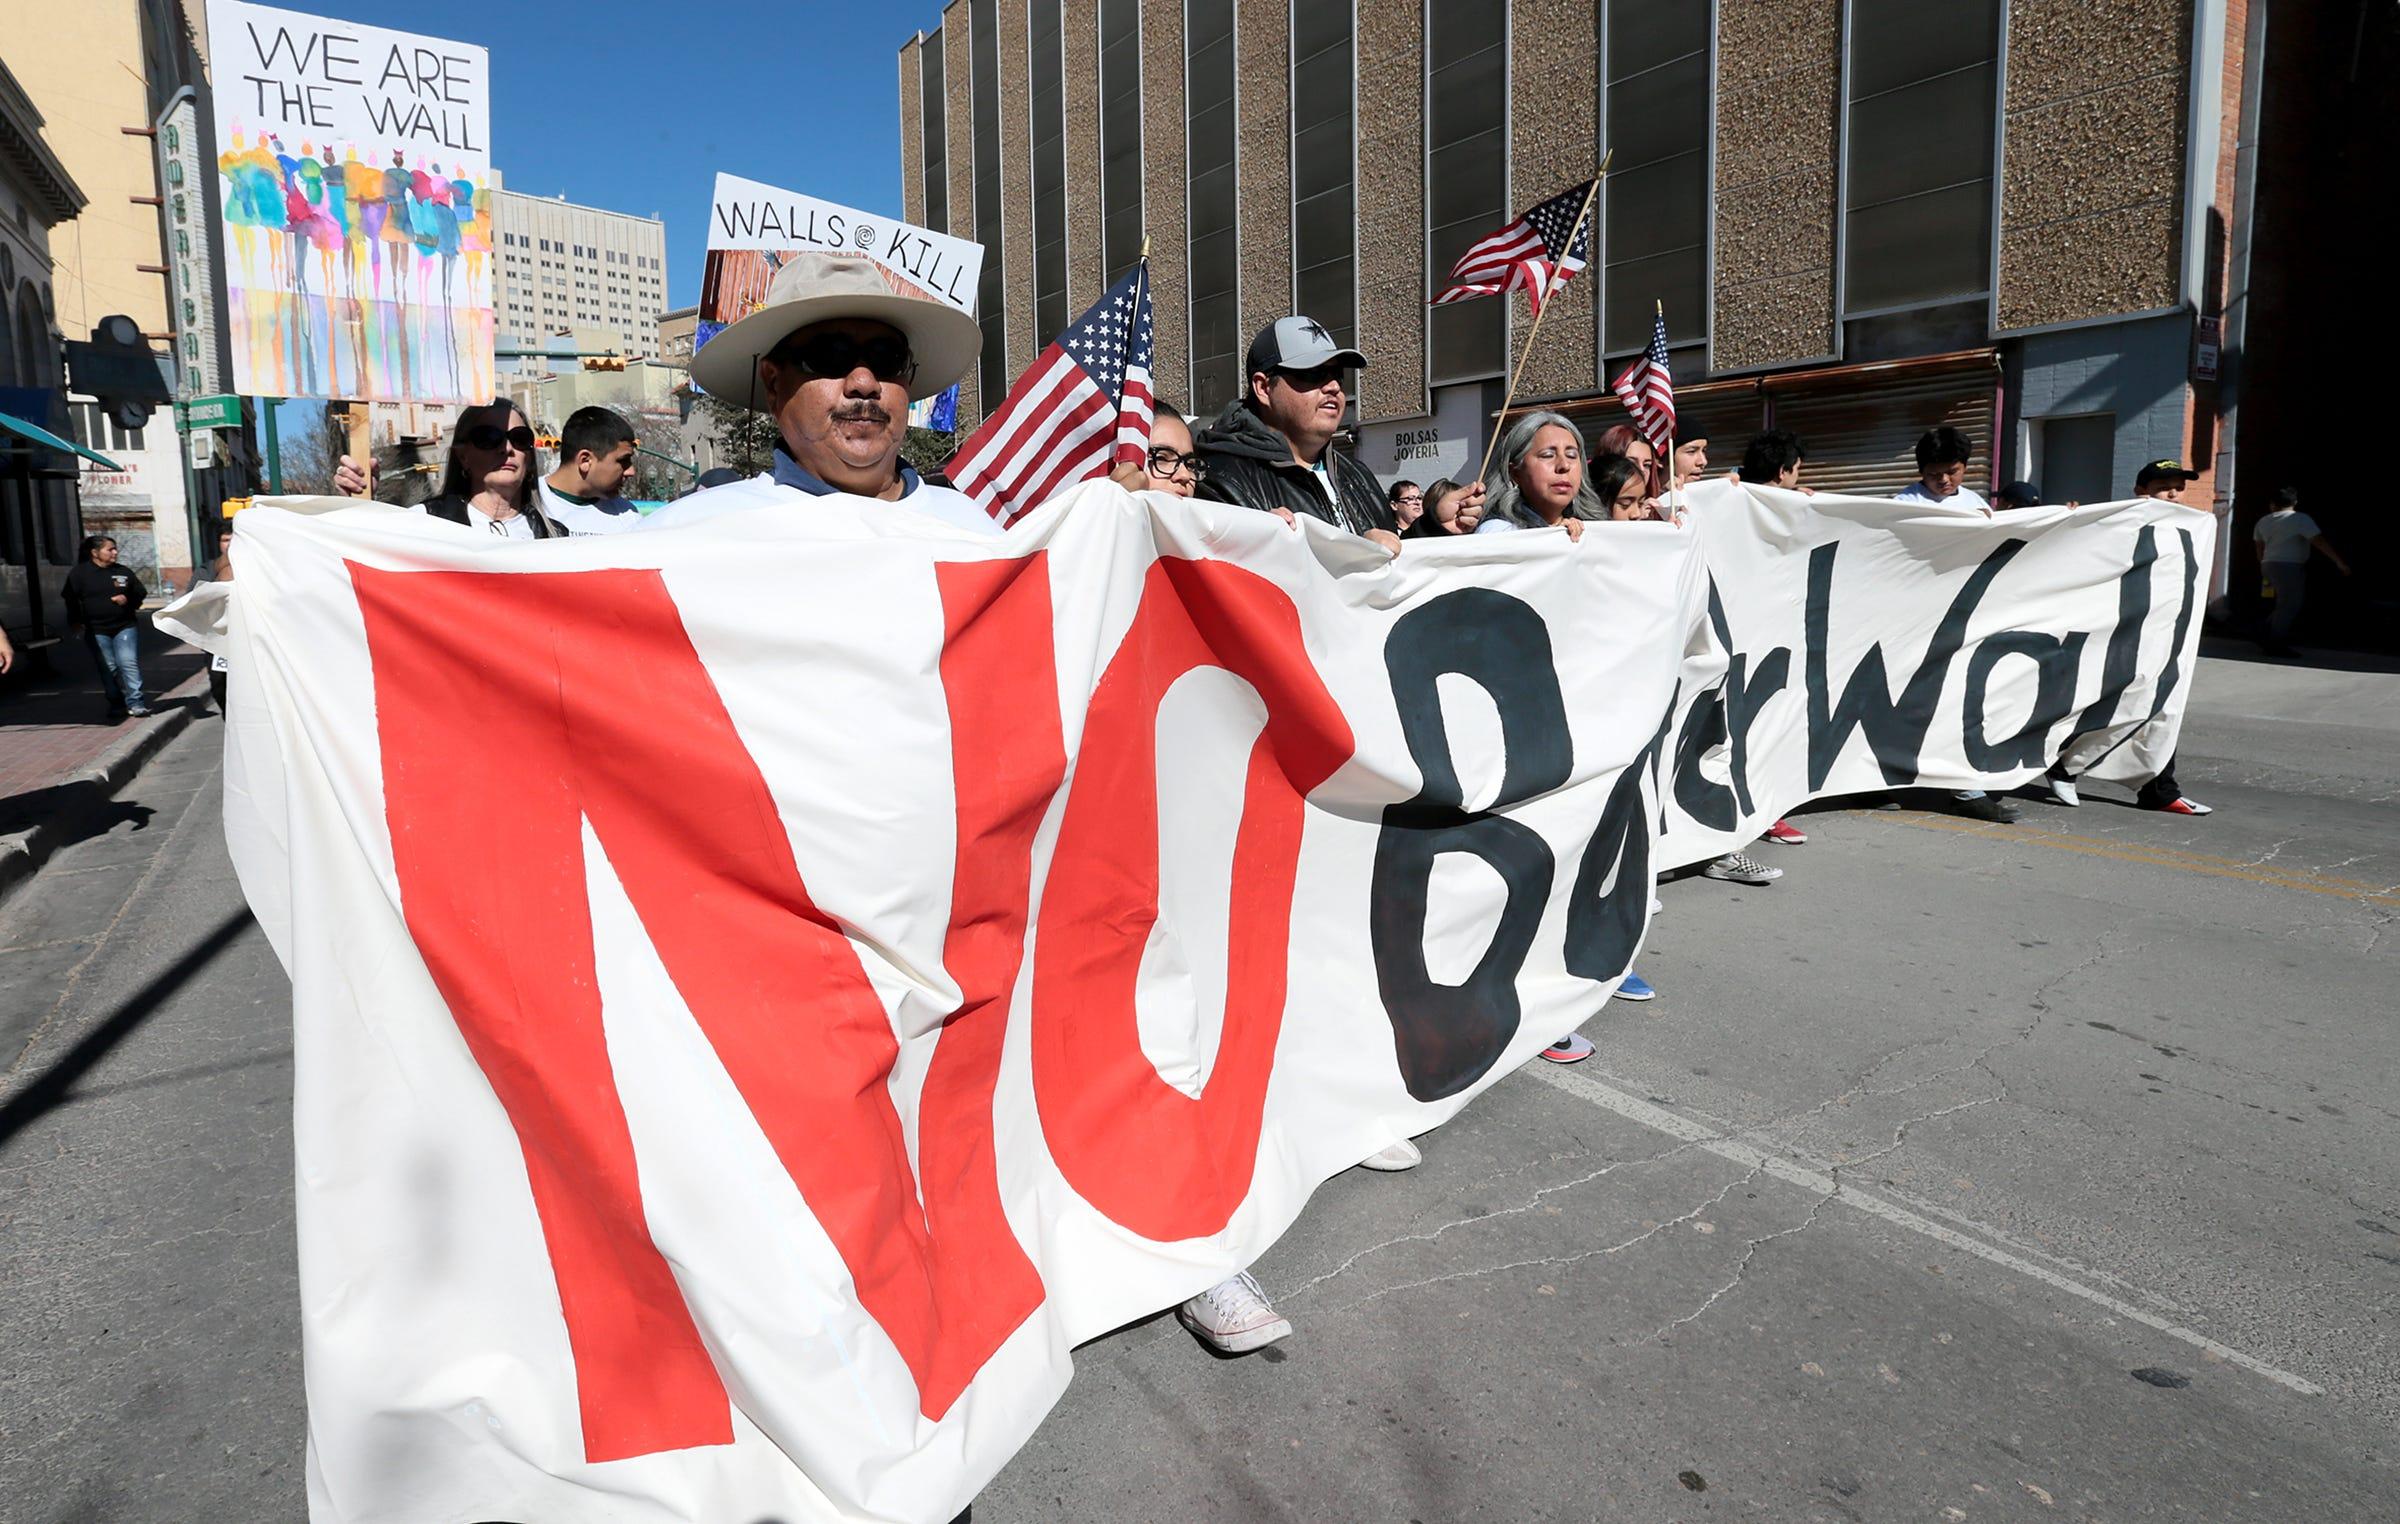 ded20dda8 At El Paso rally, Donald Trump jabs at mayor, continues push for border wall